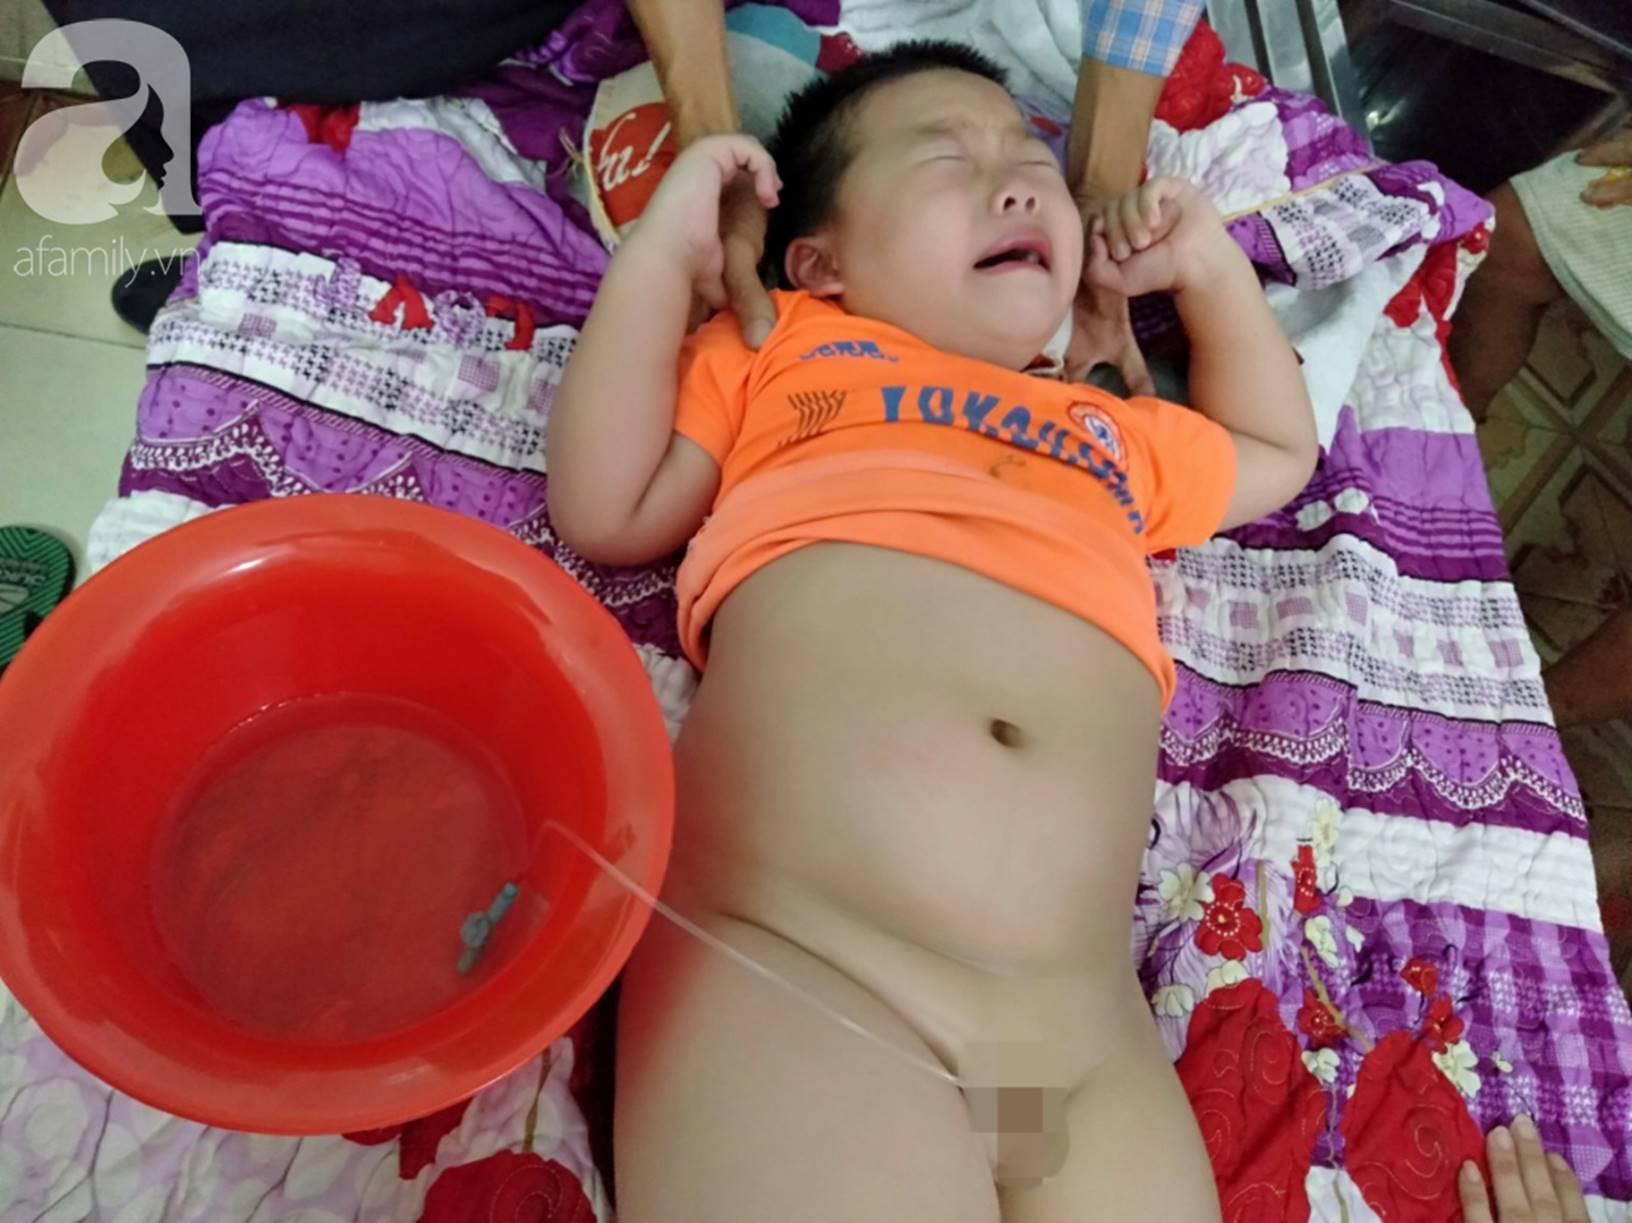 Vợ chồng nghèo cầu cứu 100 triệu đồng cho con trai 7 tuổi mắc bệnh thận có cơ hội phẫu thuật, giành lại sự sống-1